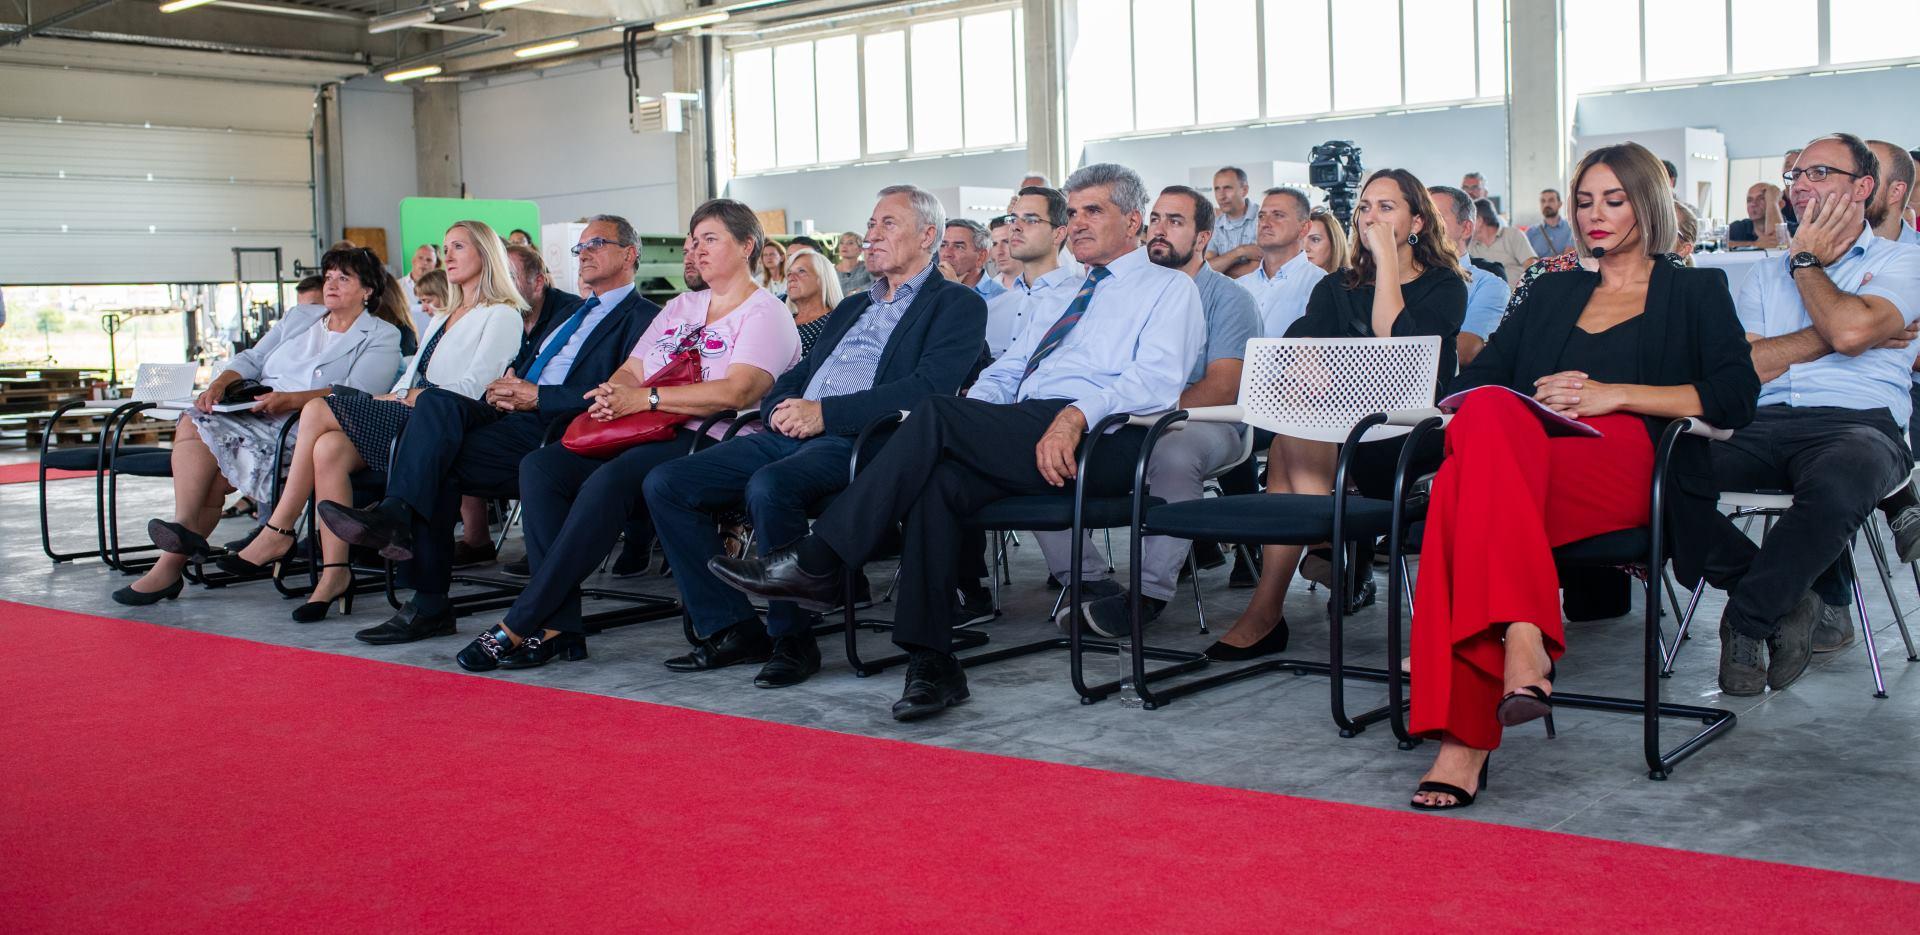 FOTO: Proizvodni pogon tvrtke Mihoković d.o.o. otvoren u Poduzetničkoj zoni Pisarovina